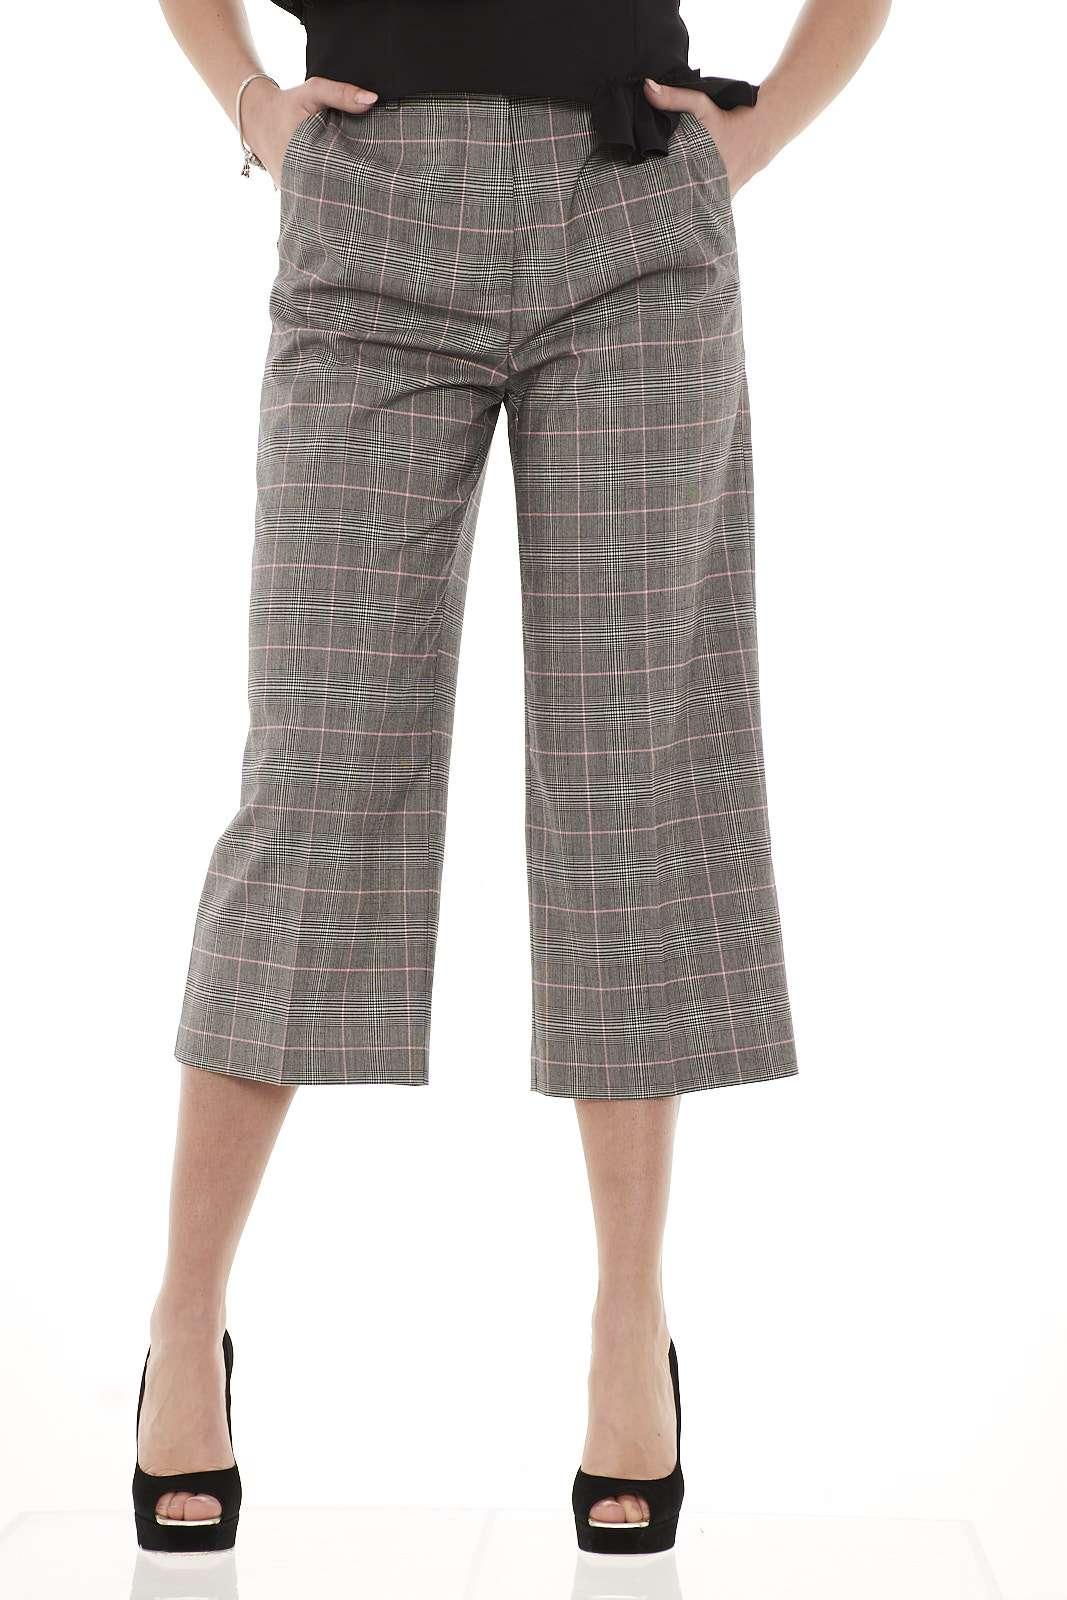 Aggiungete al vostro guardaroba autunnale questo pantalone a fantasia Principe di Galles proposto da Pinko. La riga colorata fluo intrecciata aggiorna la classica fantasia dal gusto britannico. Sarà l'ingrediente dei vostri outfit british di grande tendenza per questa stagione. La modella è alta 1.78m e indossa la taglia 42.